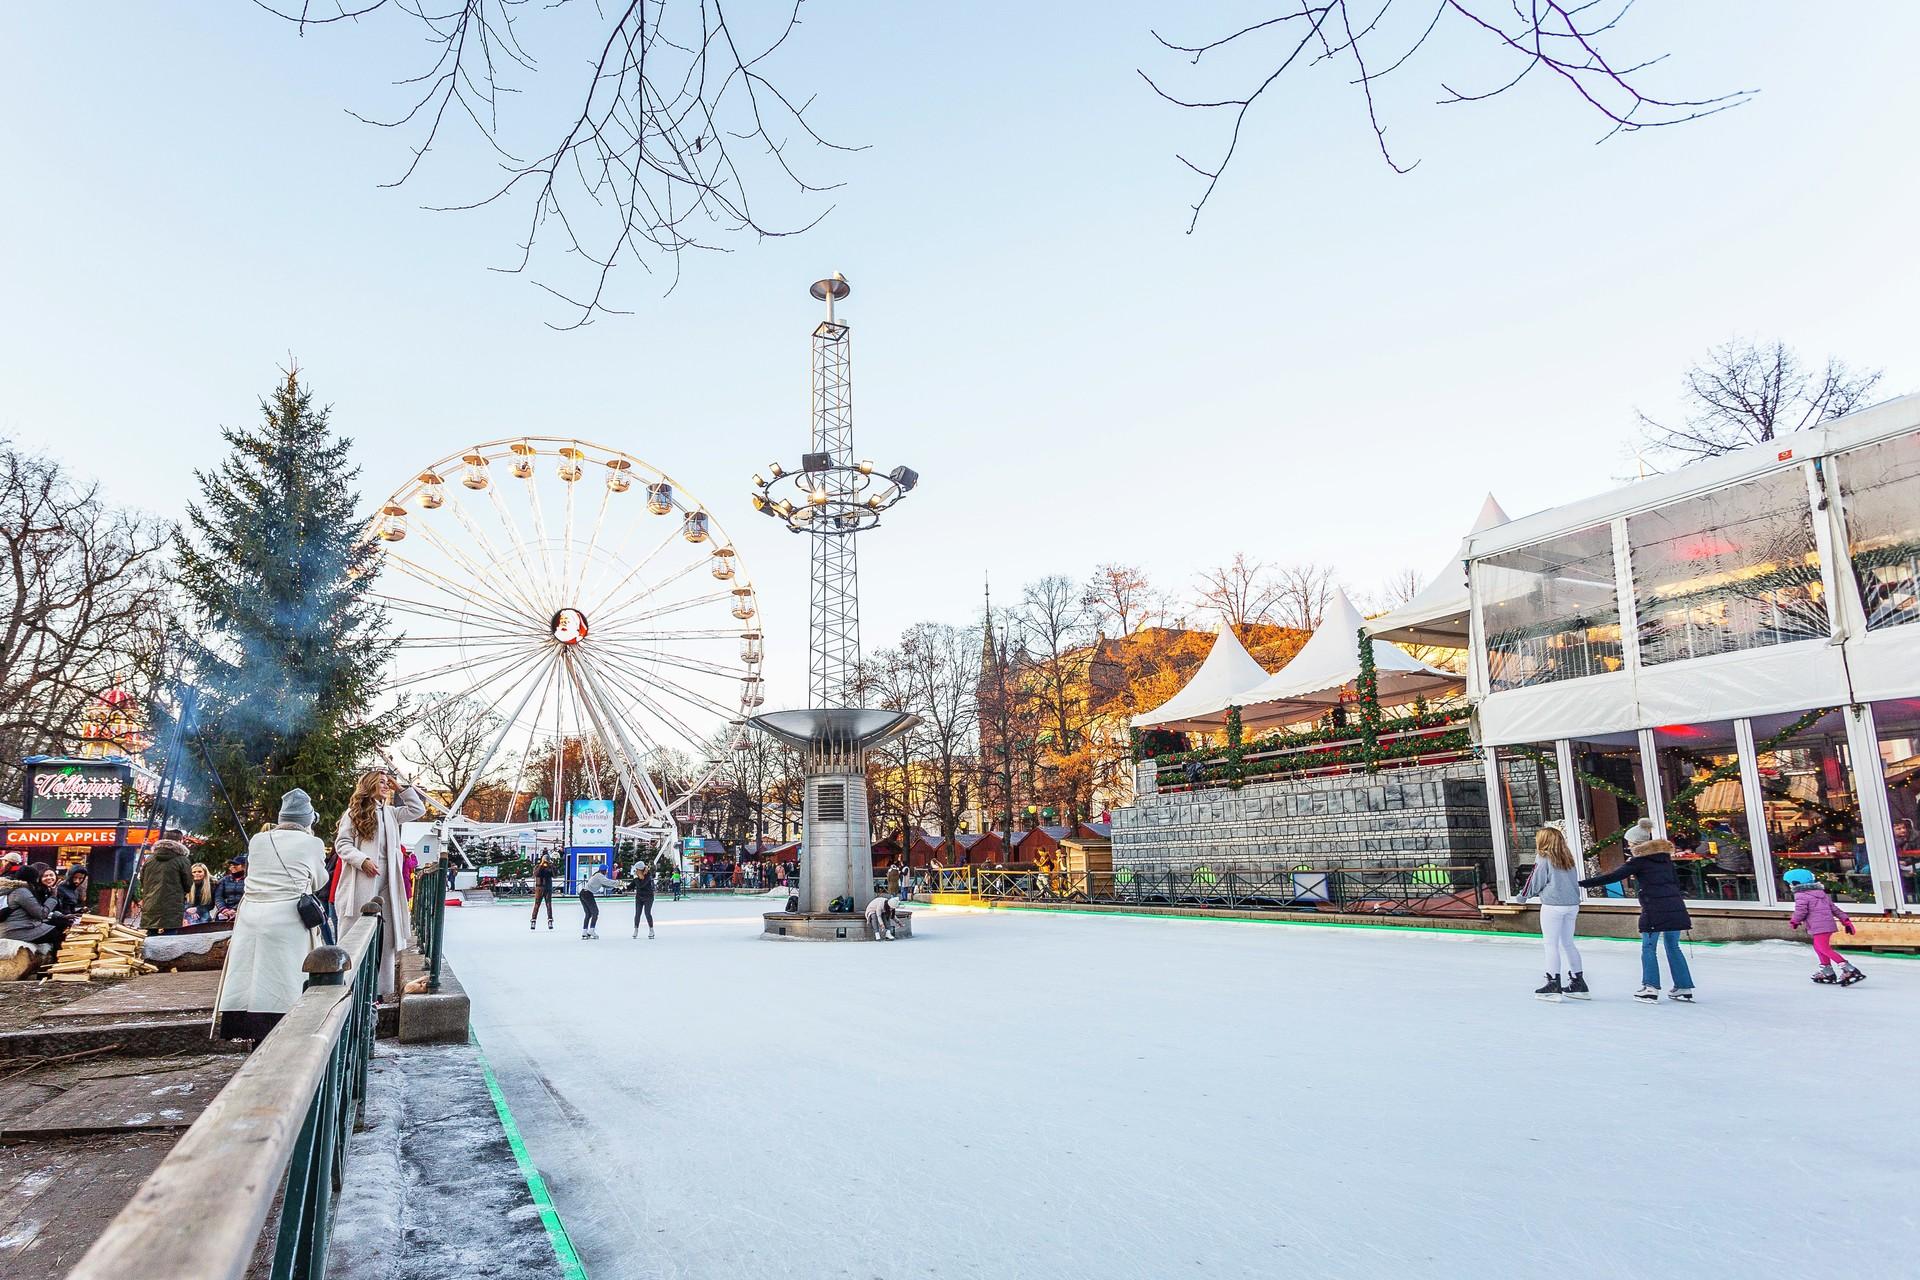 Ferris Wheel in snowy Oslo Christmas market